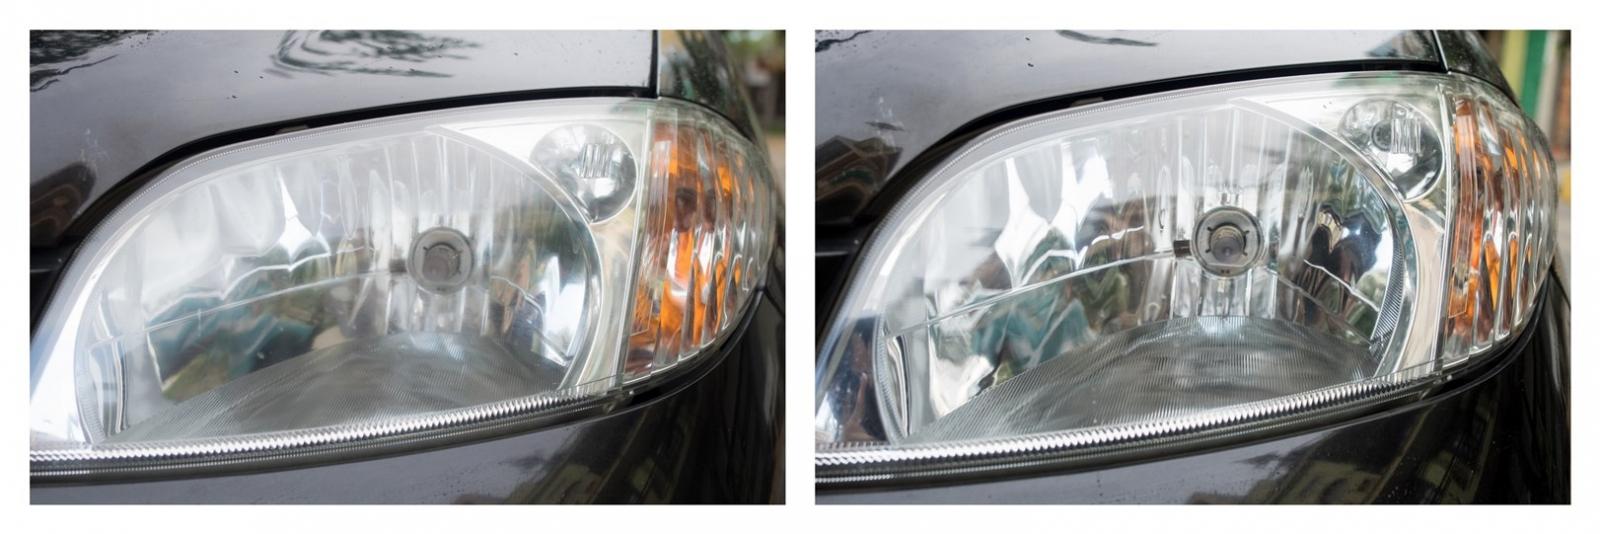 Kết quả hình ảnh cho đèn pha ô tô bị hấp hơi nước